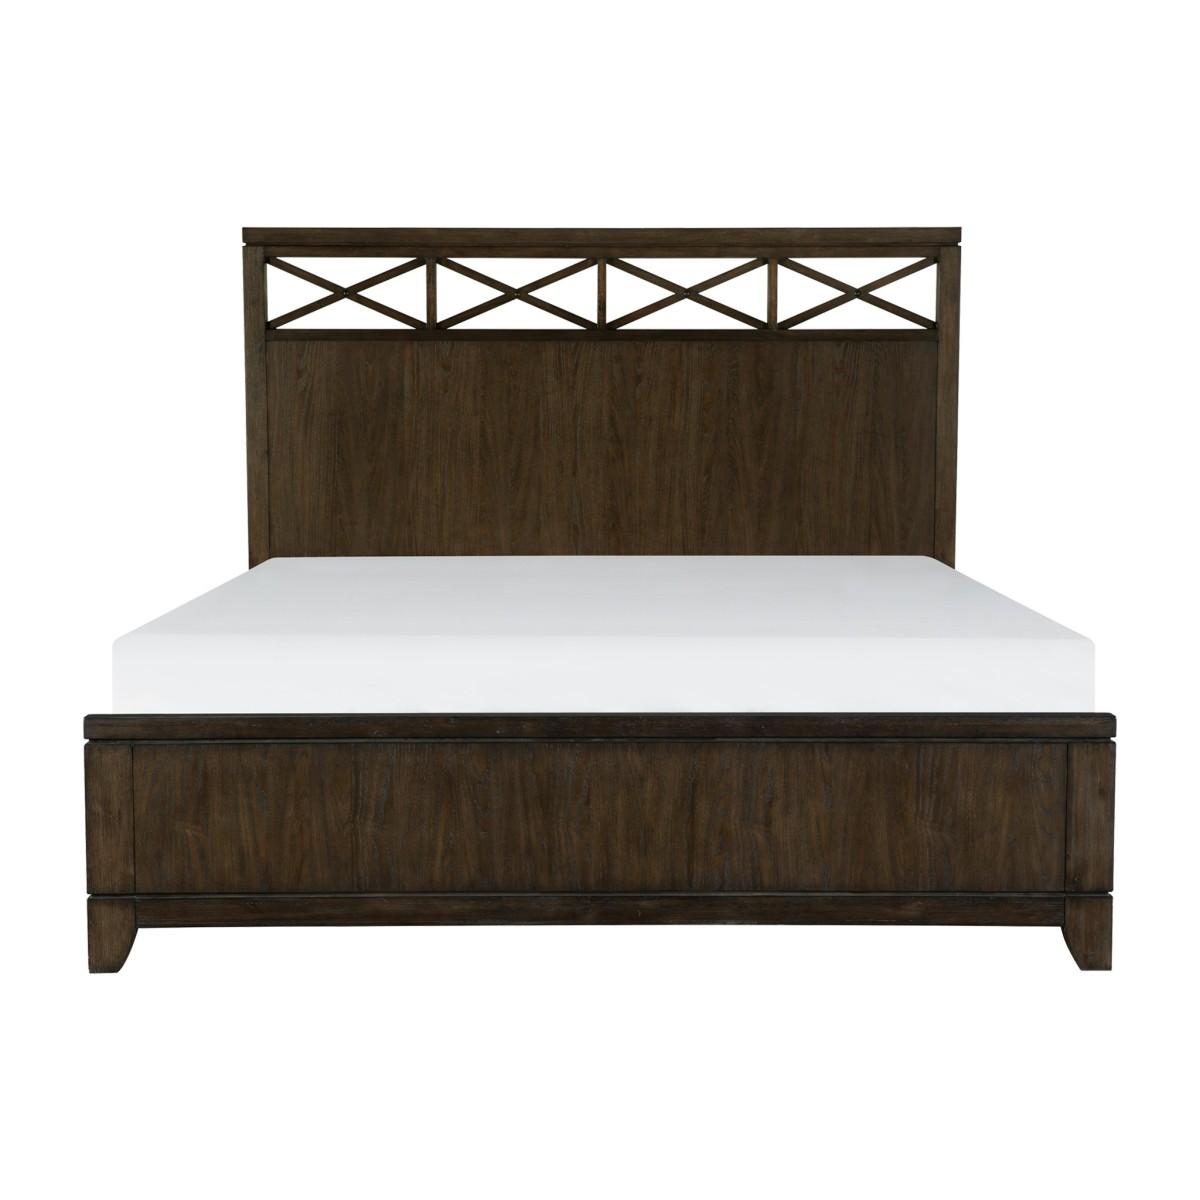 1669k 1ek Eastern King Bed